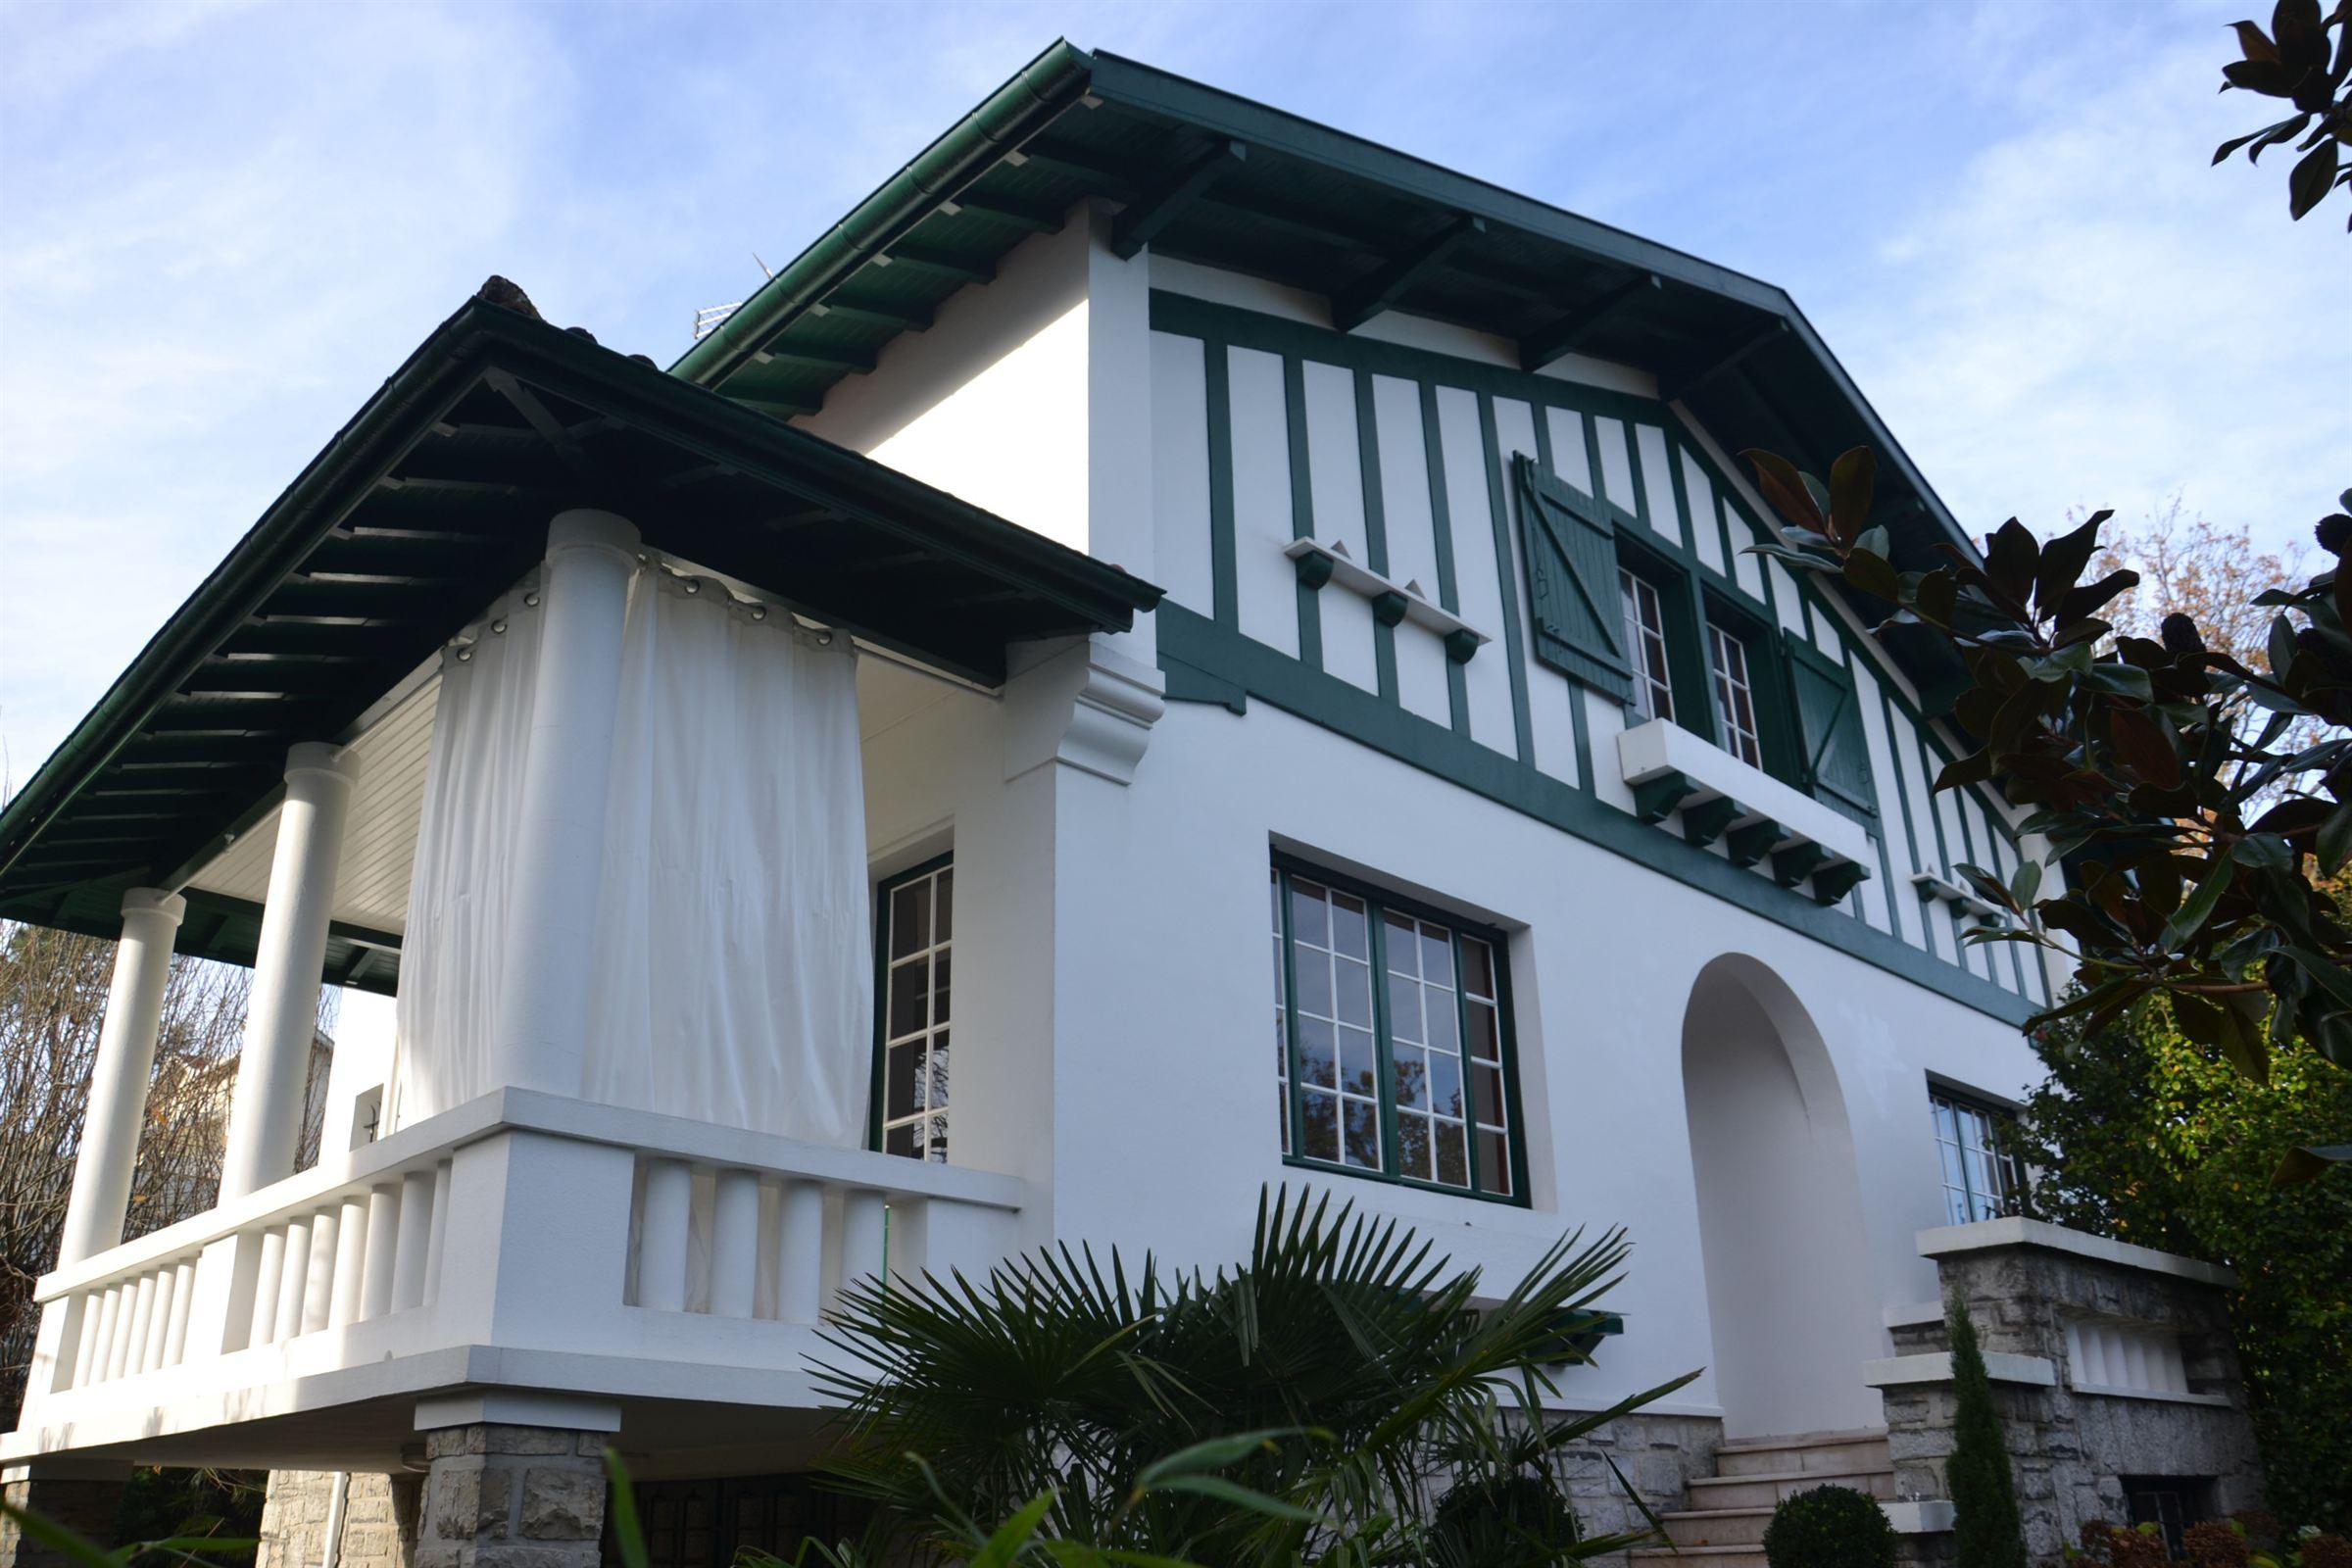 Частный односемейный дом для того Продажа на BIARRITZ LE PARC D'HIVER Biarritz, Аквитания, 64200 Франция